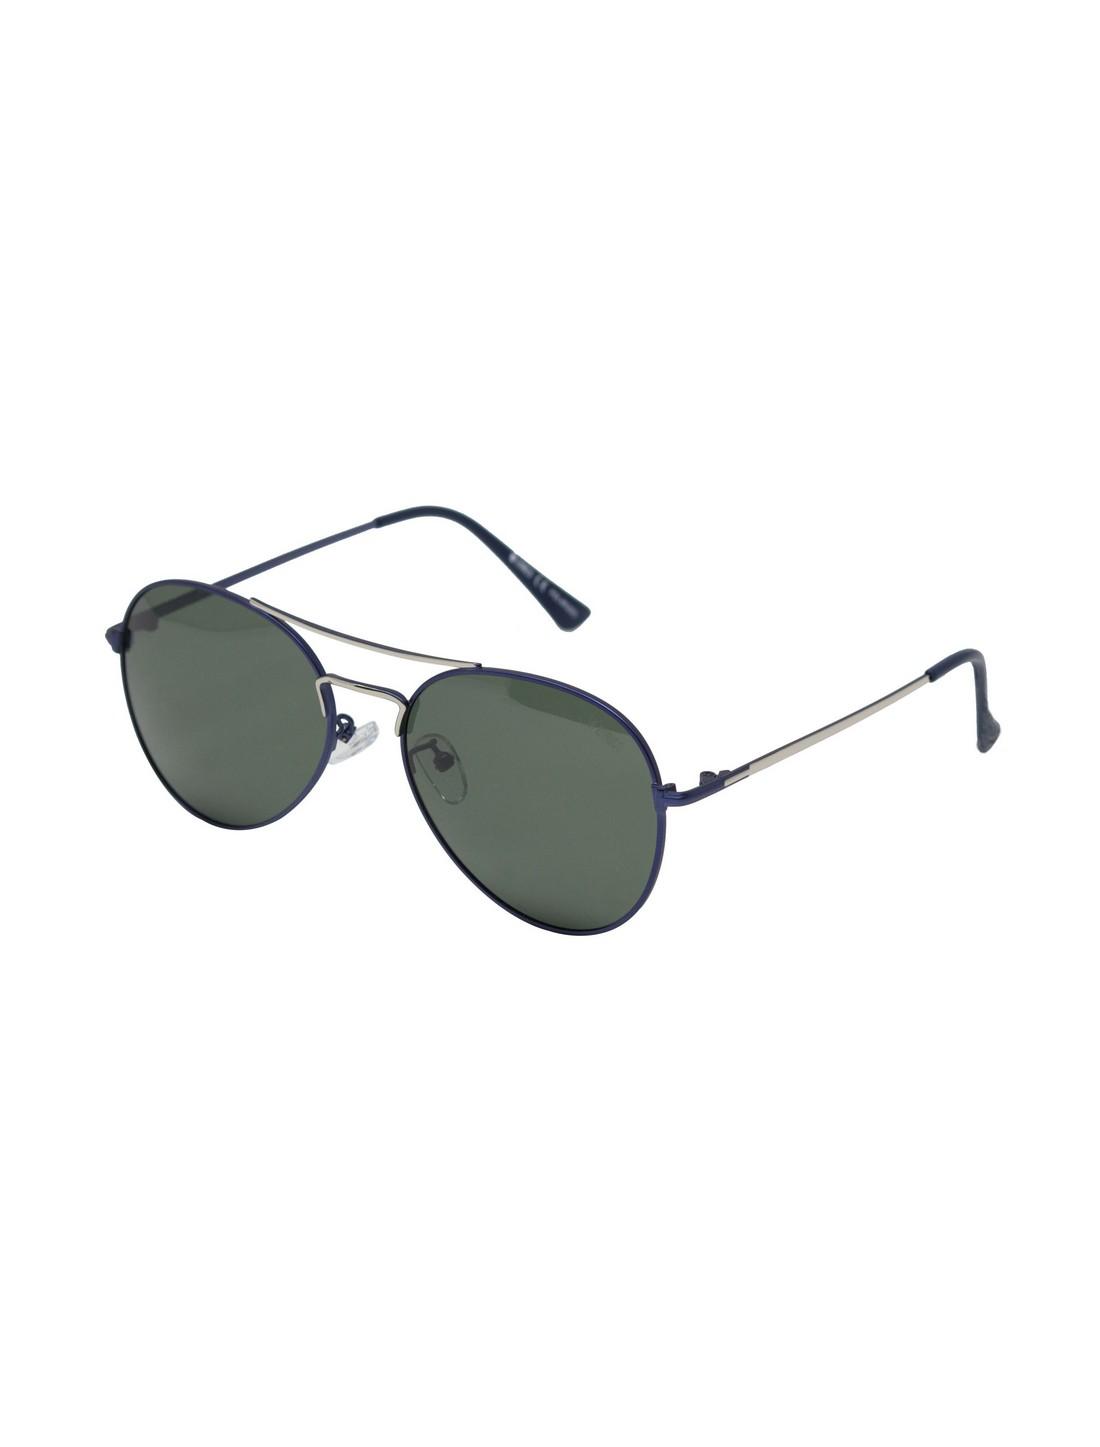 ENRICO | ENRICO Virgo UV Protected & Polarized Unisex Sunglasses ( Lens - Green | Frame - Blue)